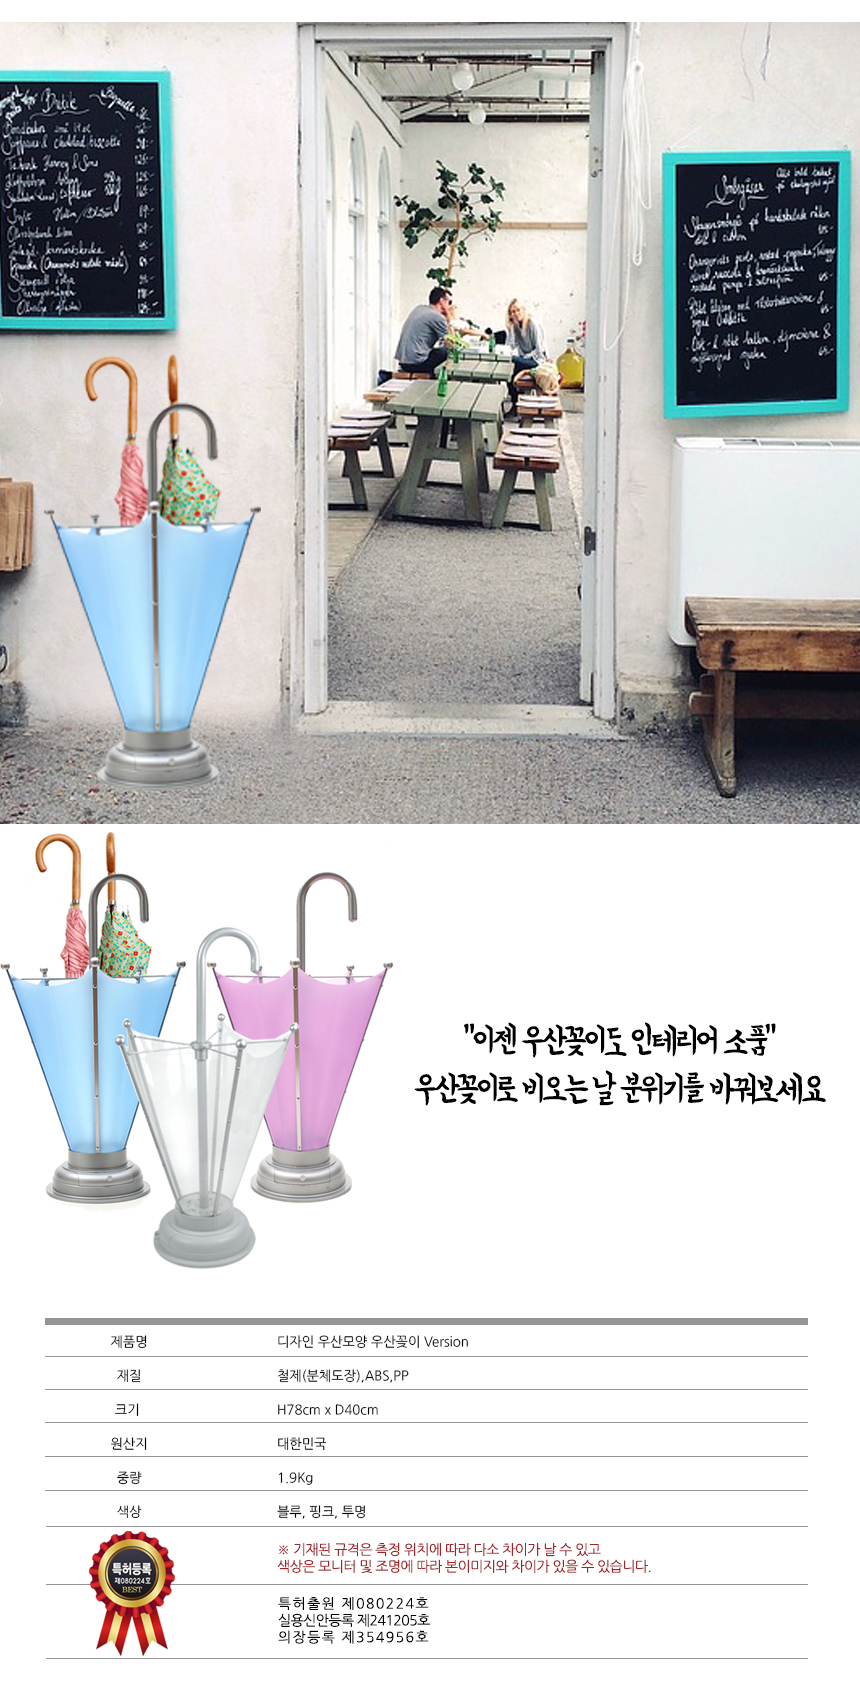 우산모양 인테리어 우산꽂이 우산보관함 - 쥬빌리라이프, 47,900원, 생활잡화, 우산꽂이